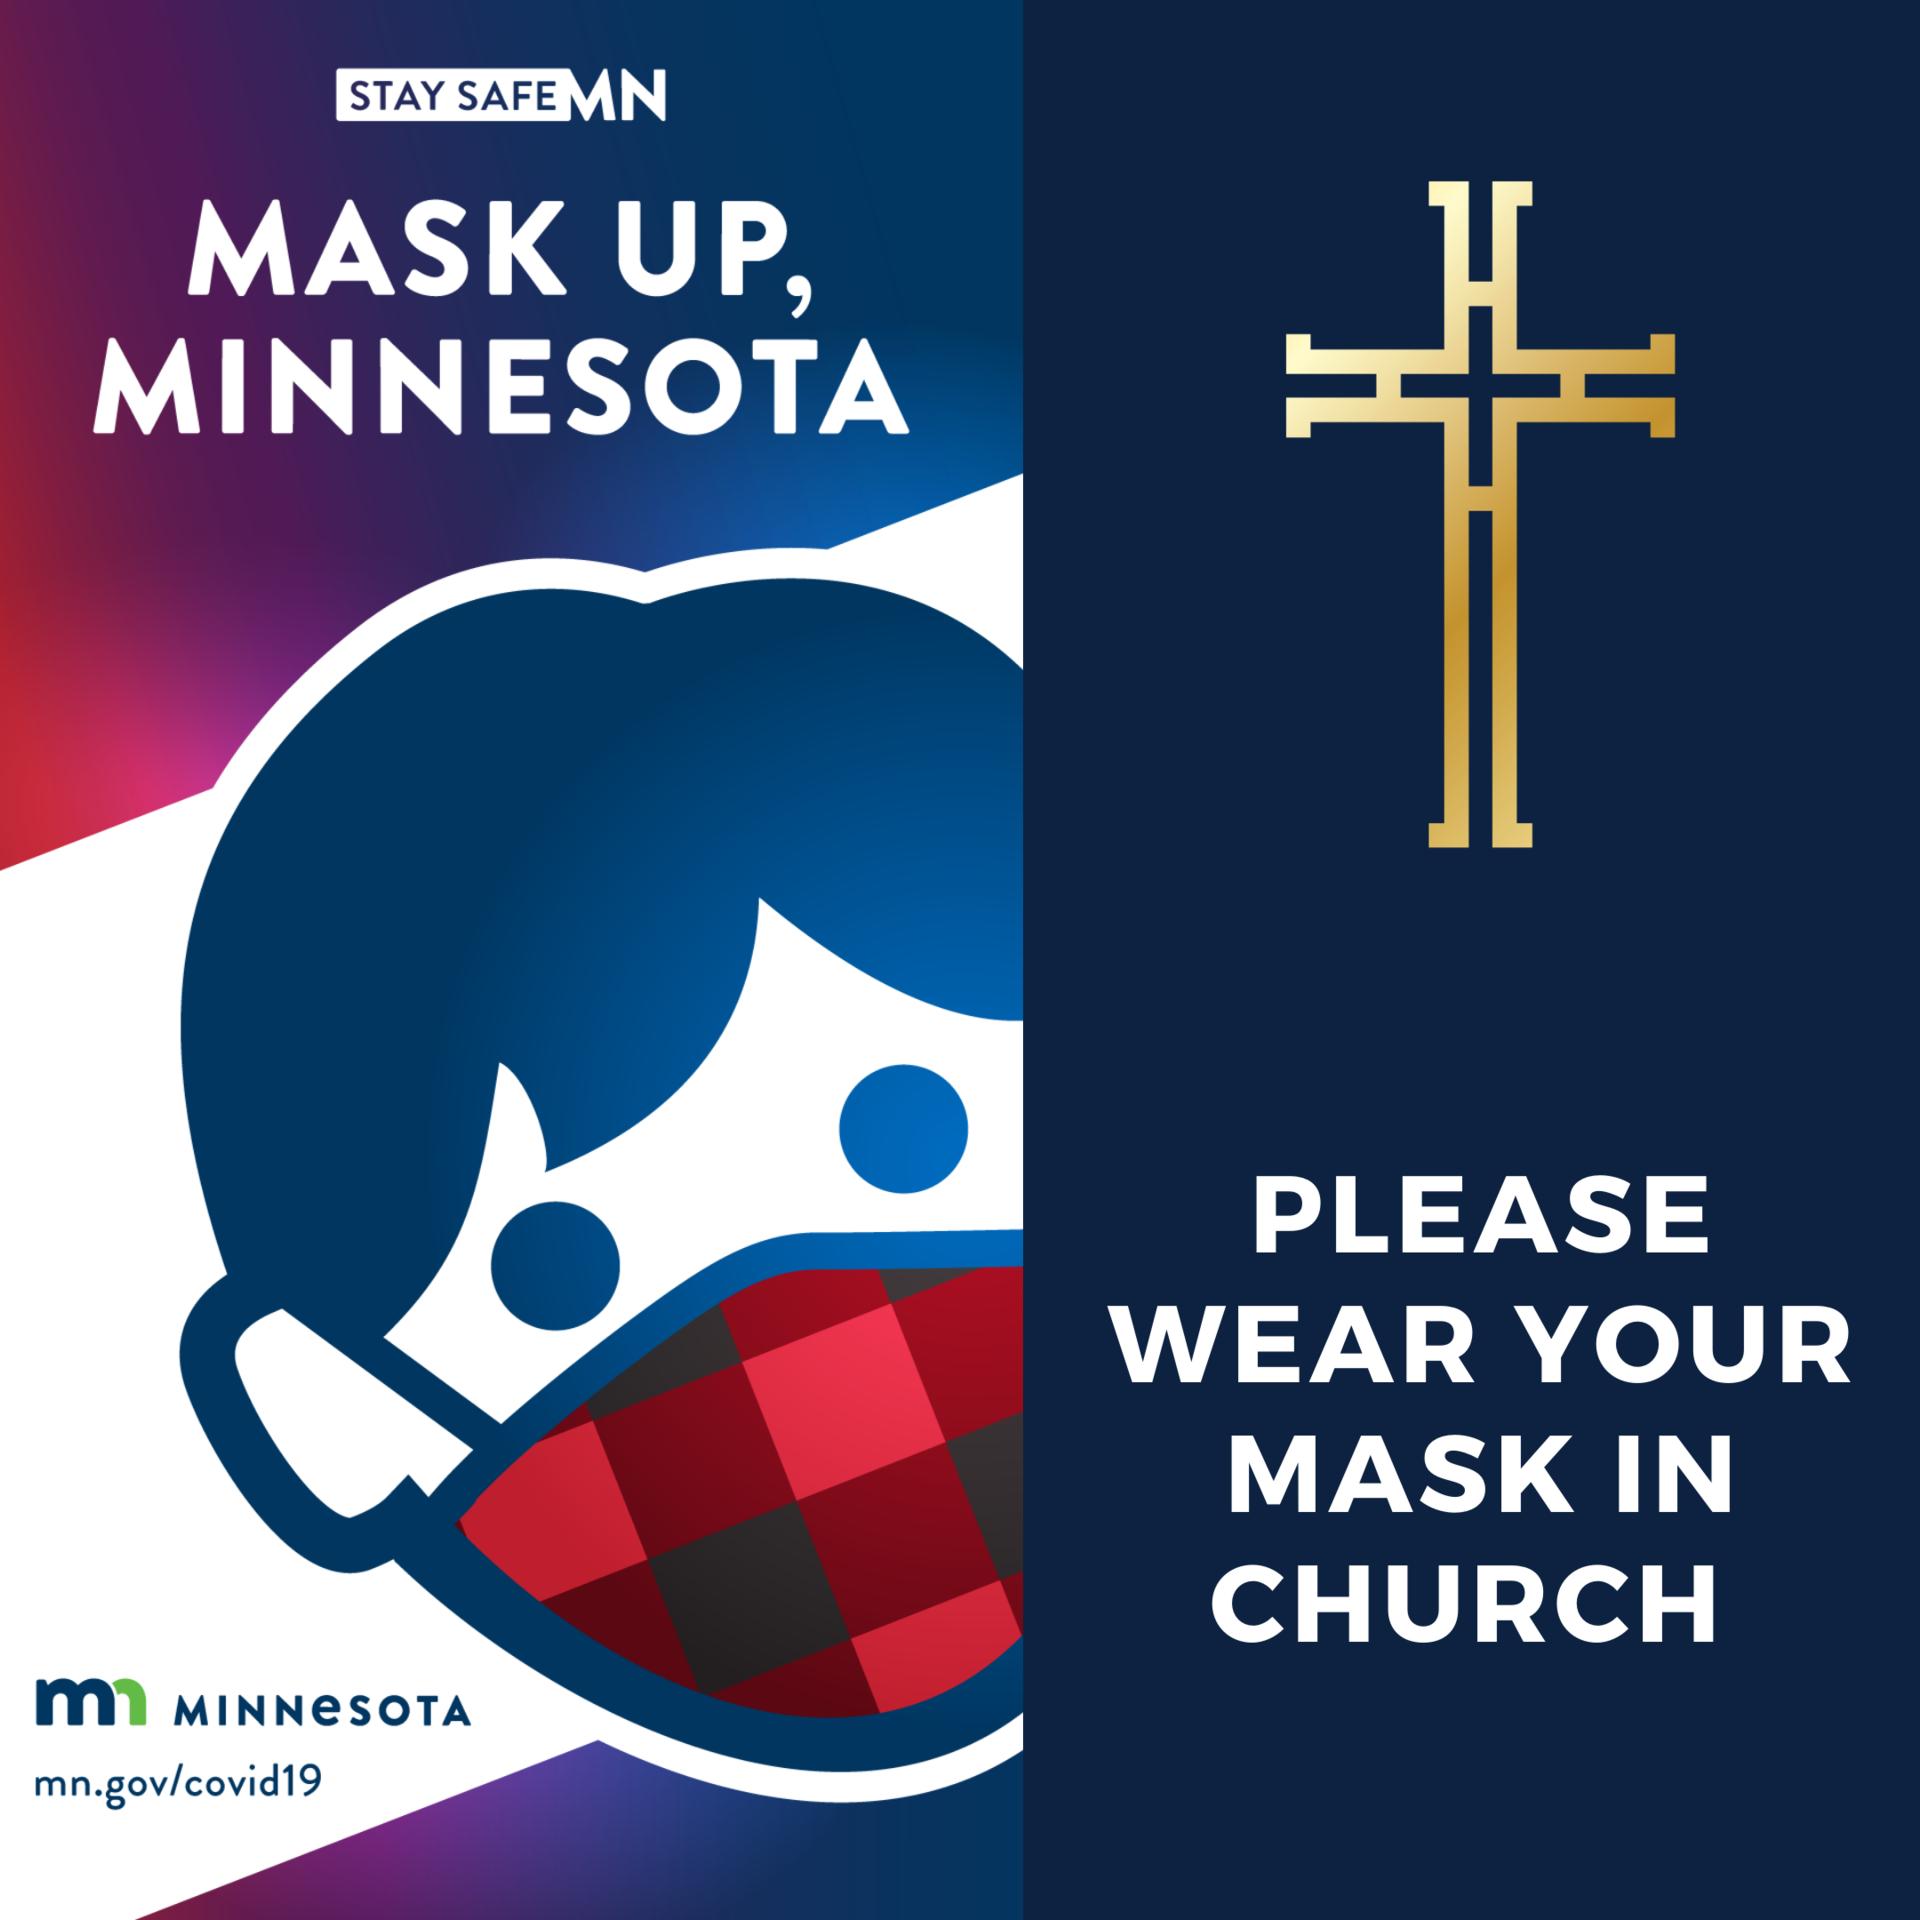 Wear Mask IN church